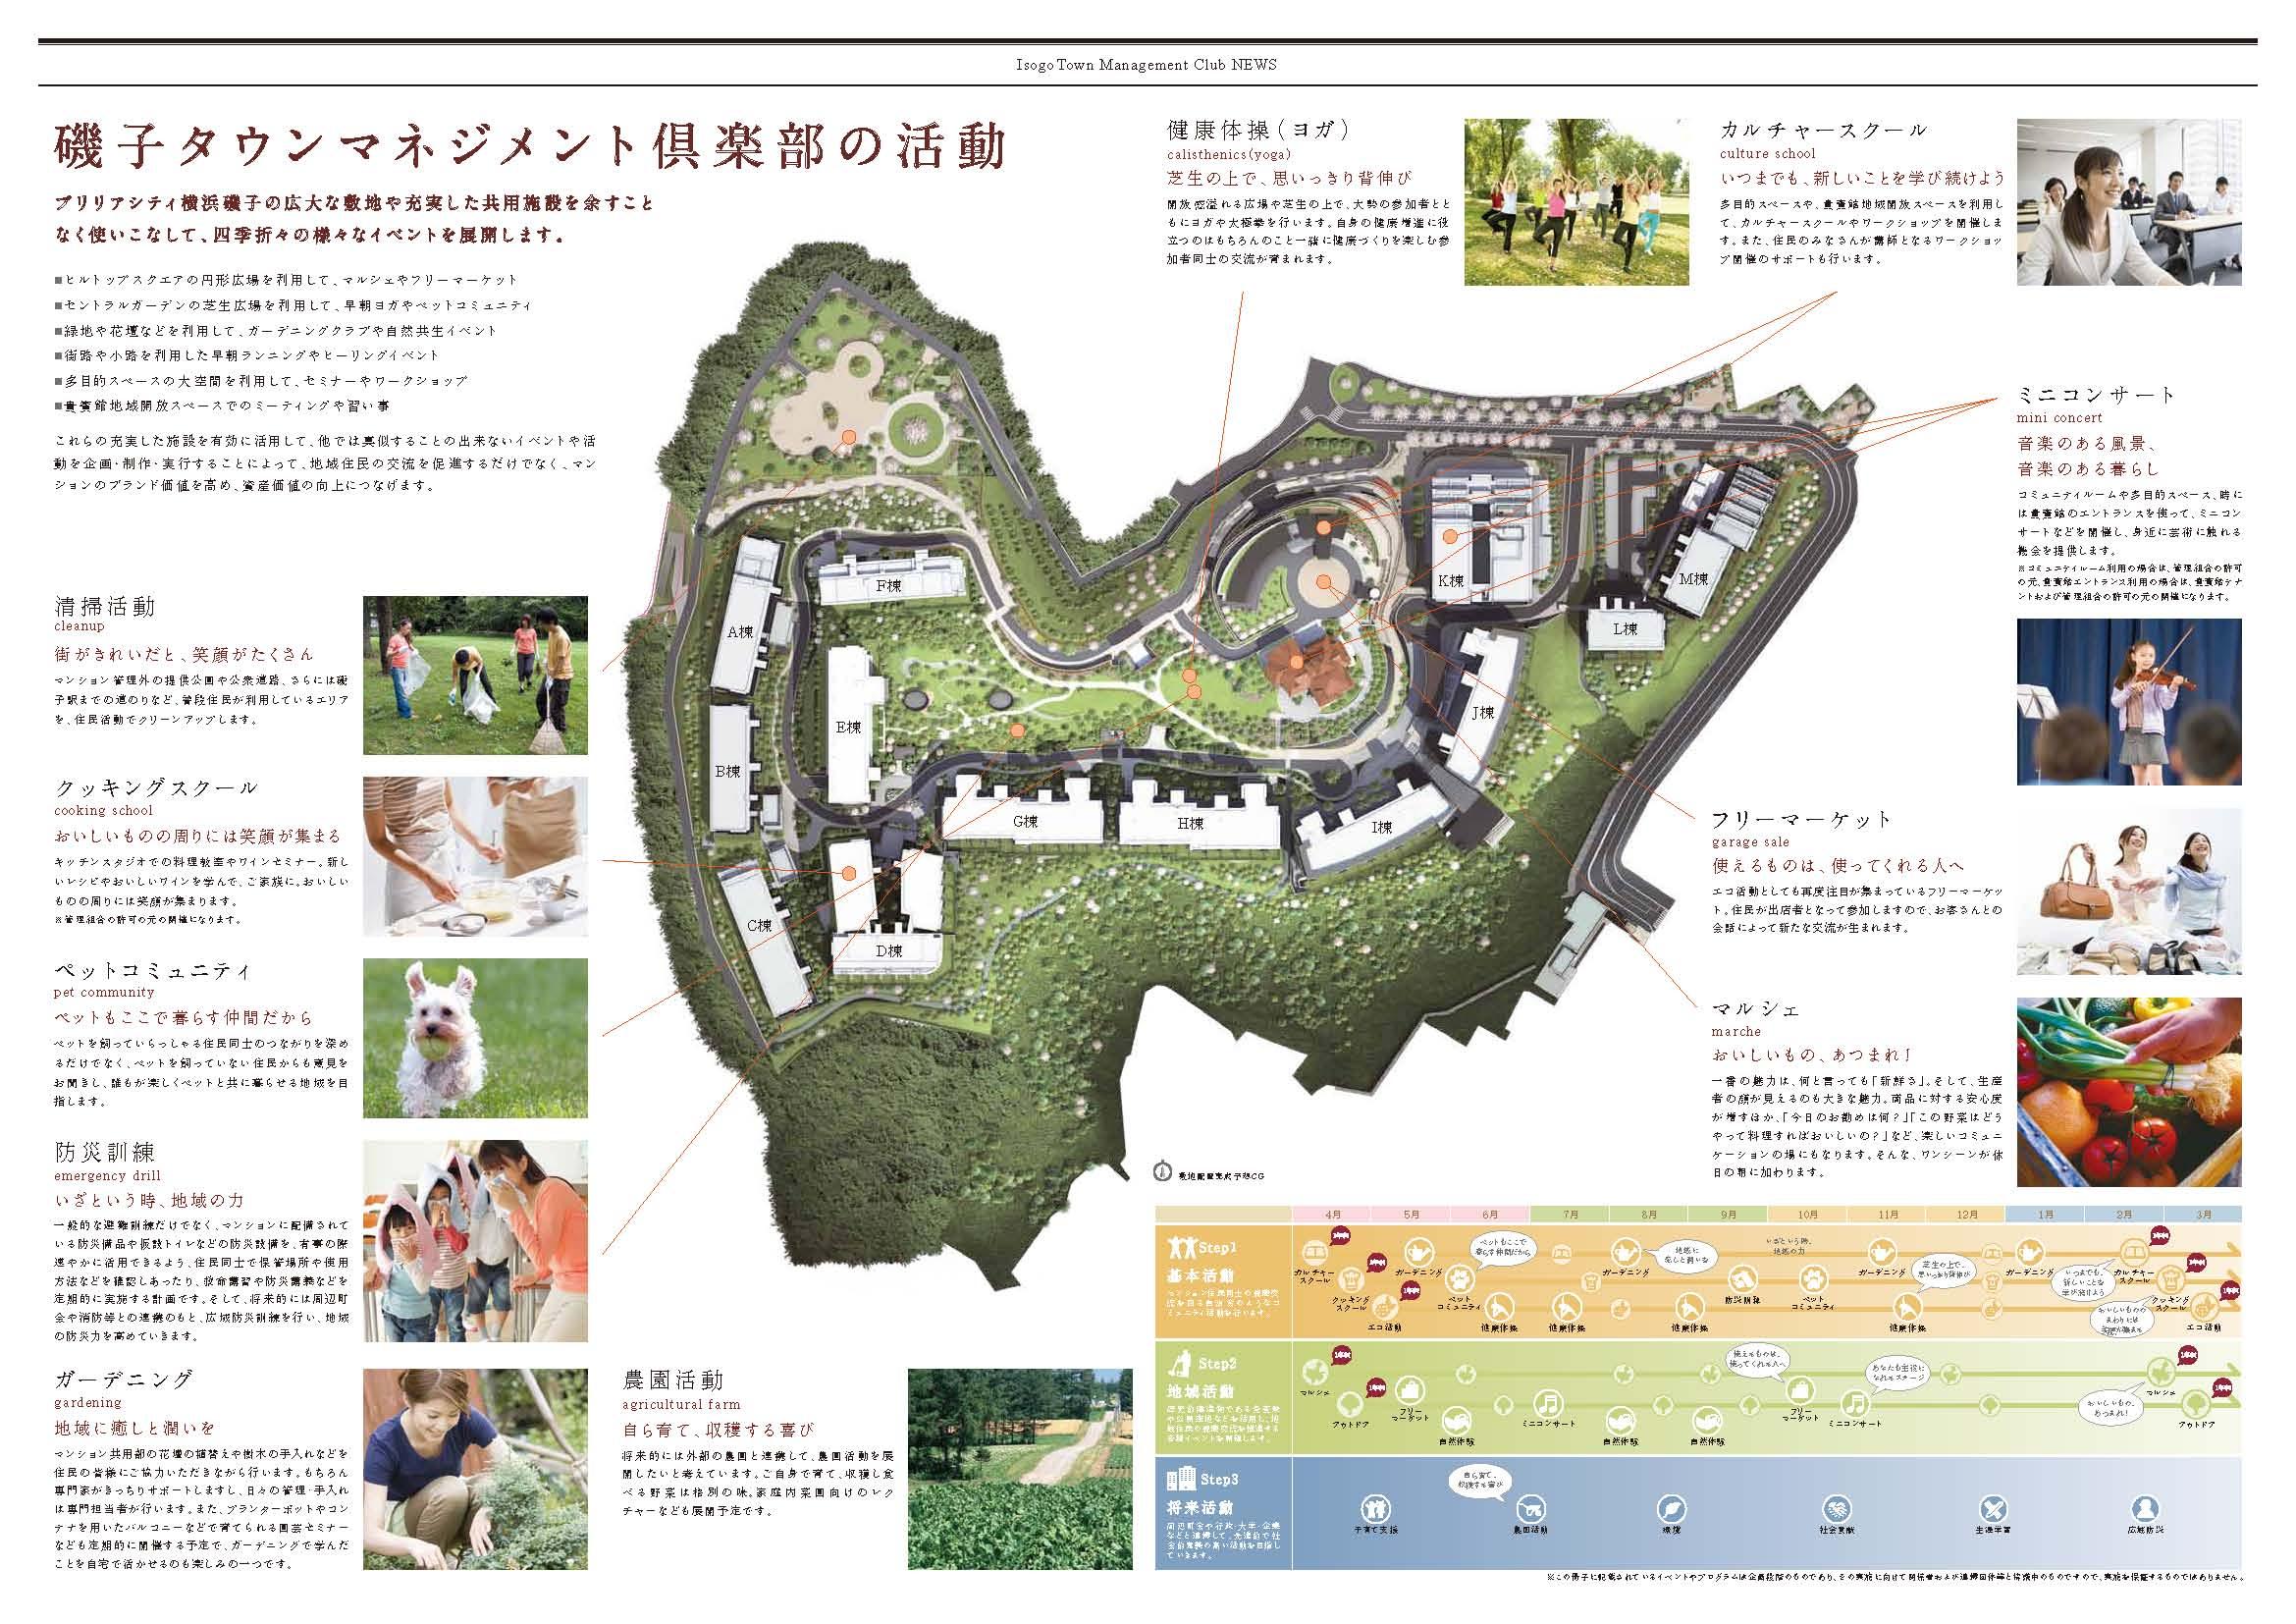 磯子タウンマネジメント倶楽部 パンフレット